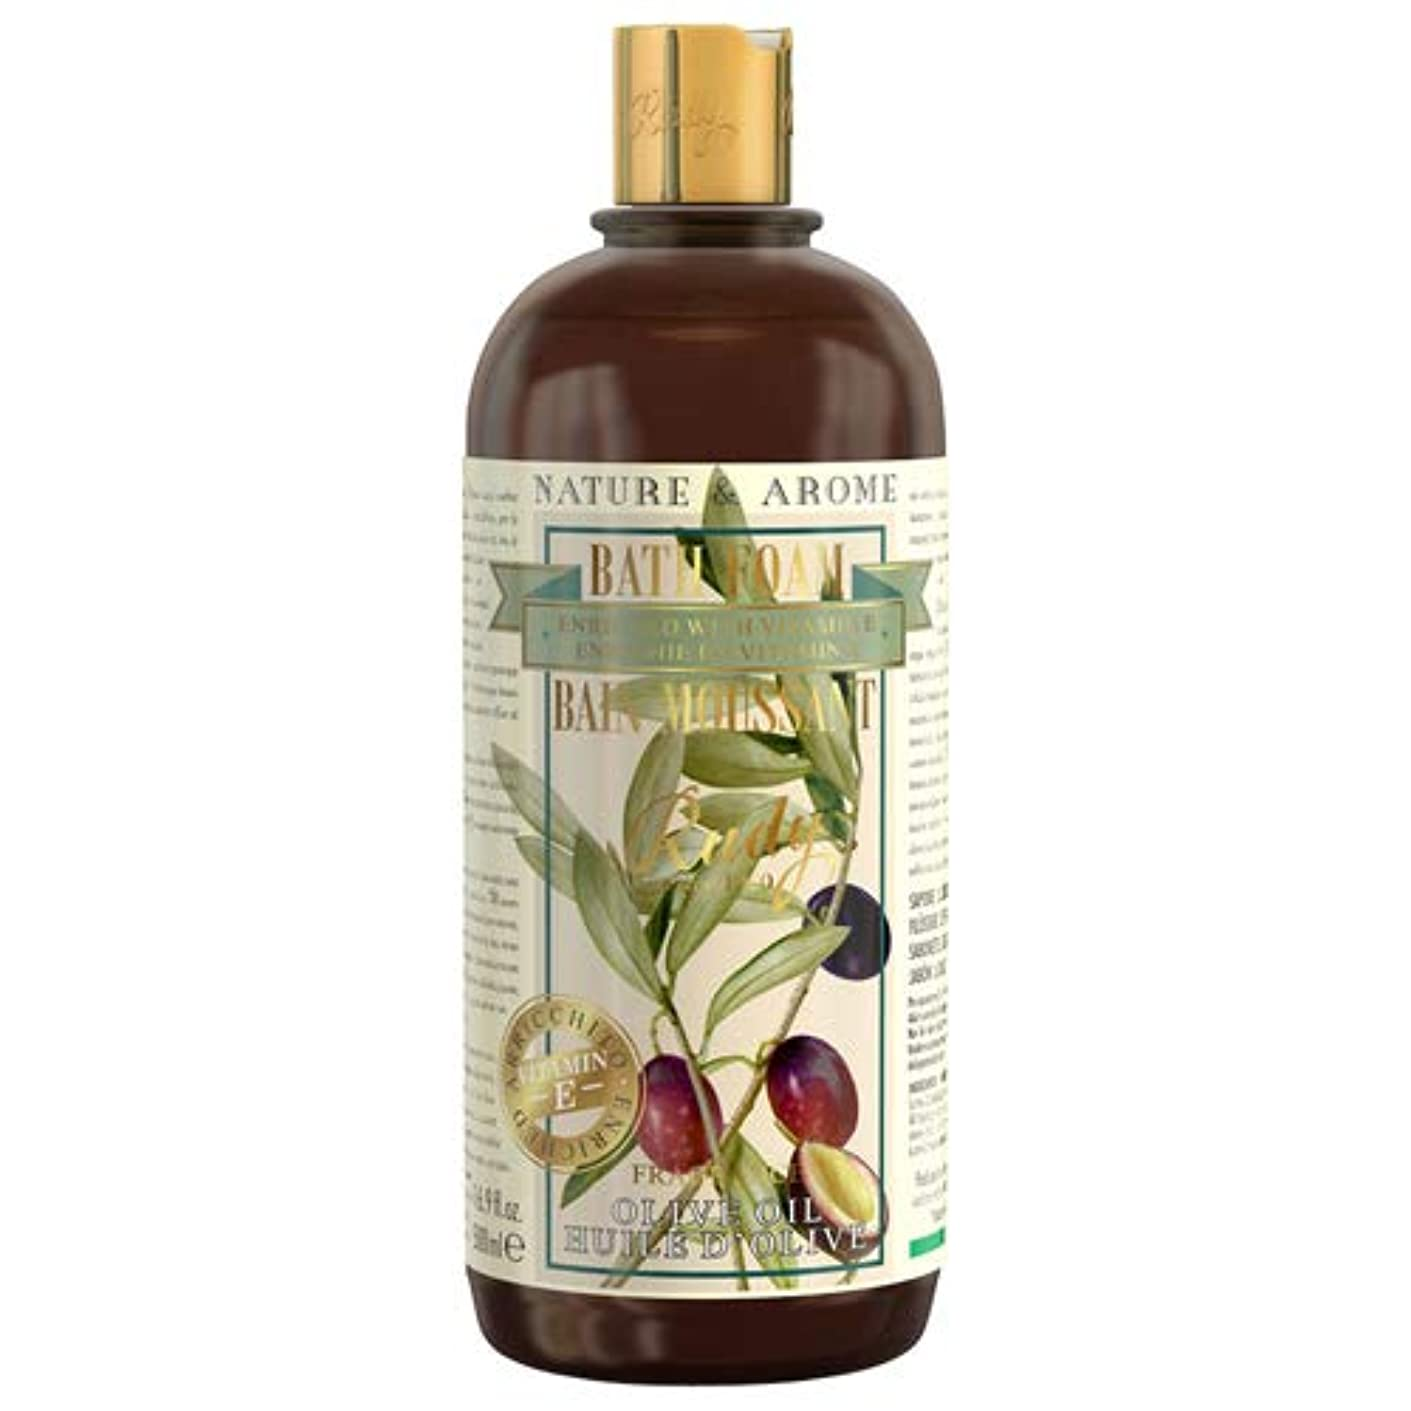 みなすほとんどの場合背景RUDY Nature&Arome Apothecary ネイチャーアロマ アポセカリー Bath & Shower Gel バス&シャワージェル Olive Oil オリーブオイル